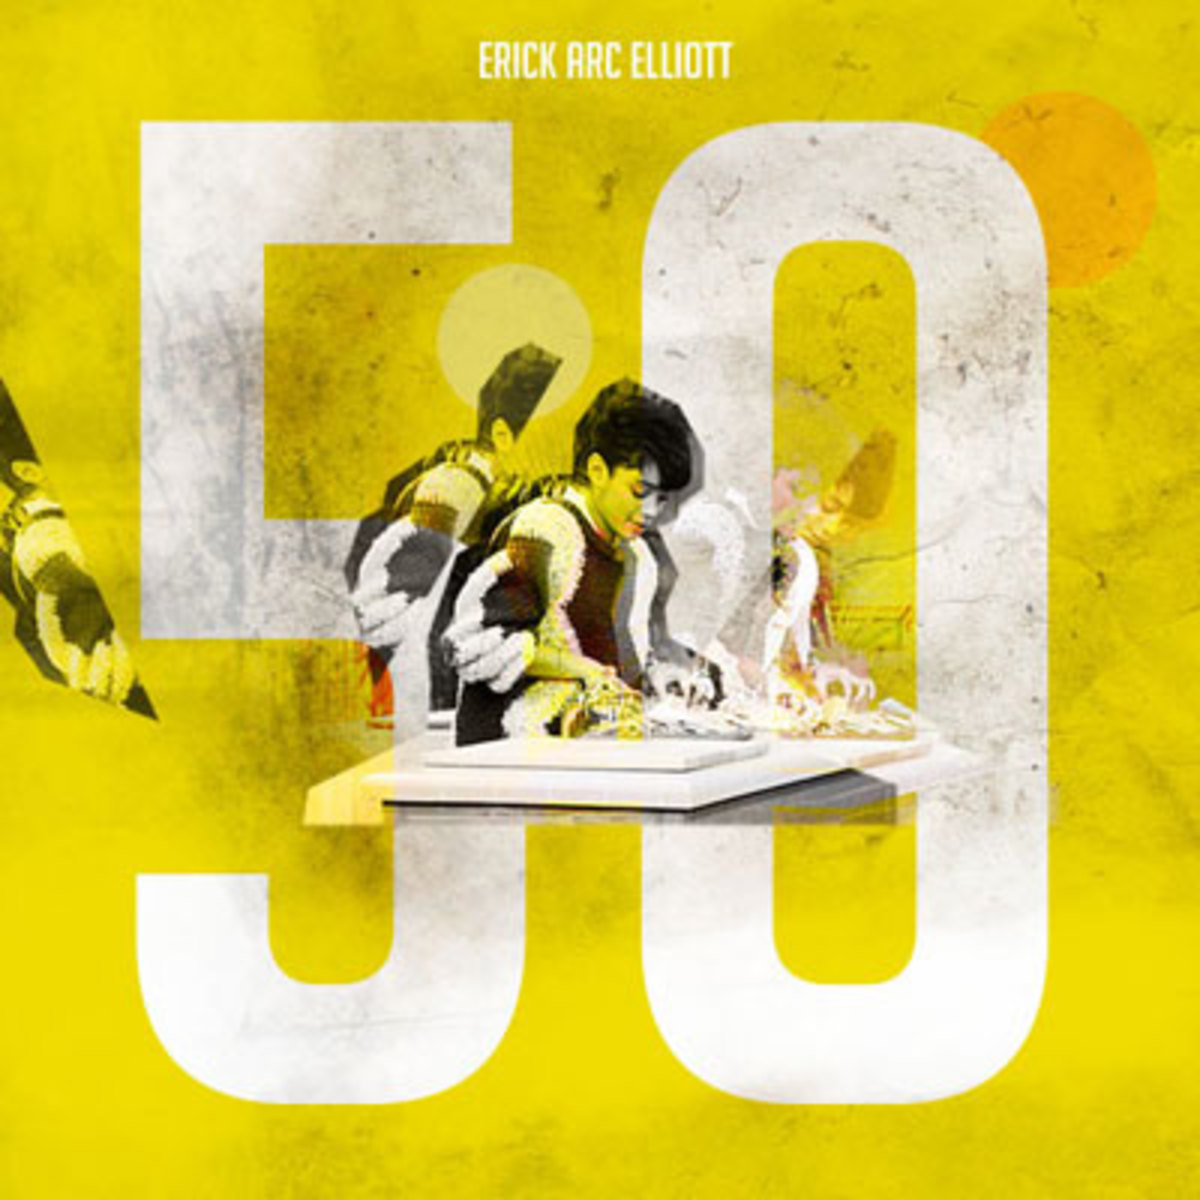 eae-50.jpg